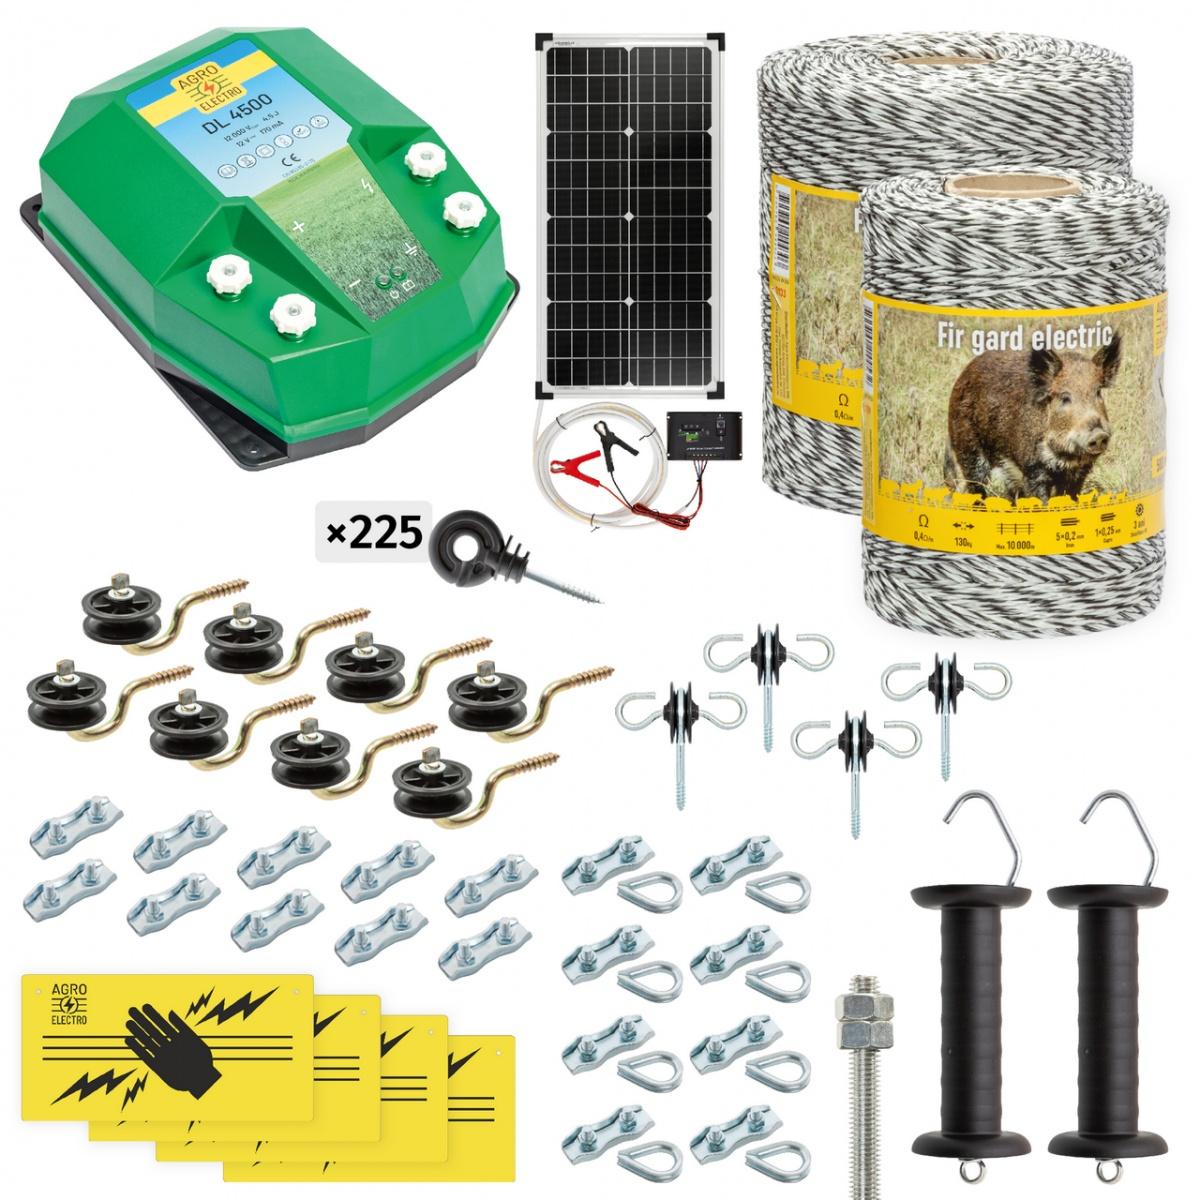 Pachet gard electric complet 1500m, 4,5Joule, cu sistem solar, pentru animale sălbatice